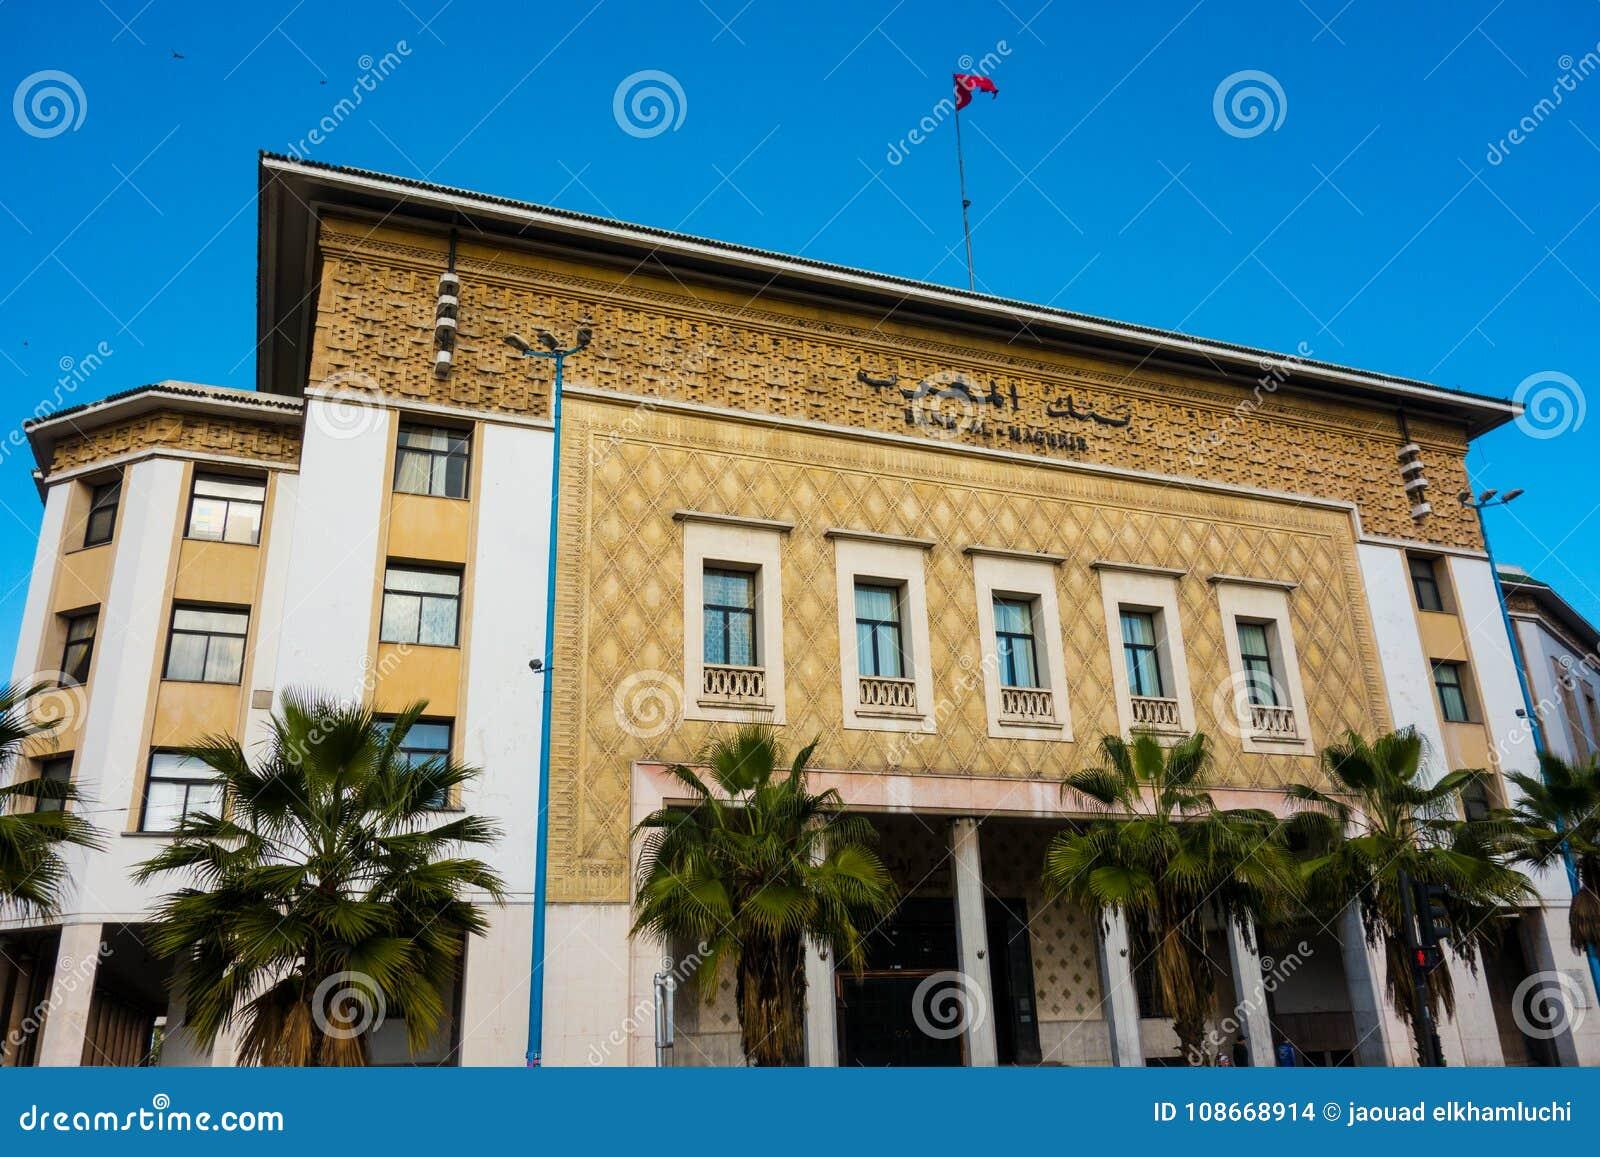 卡萨布兰卡,摩洛哥- 2018年1月11日:银行在卡萨布兰卡街道的Al马格里布大厦看法